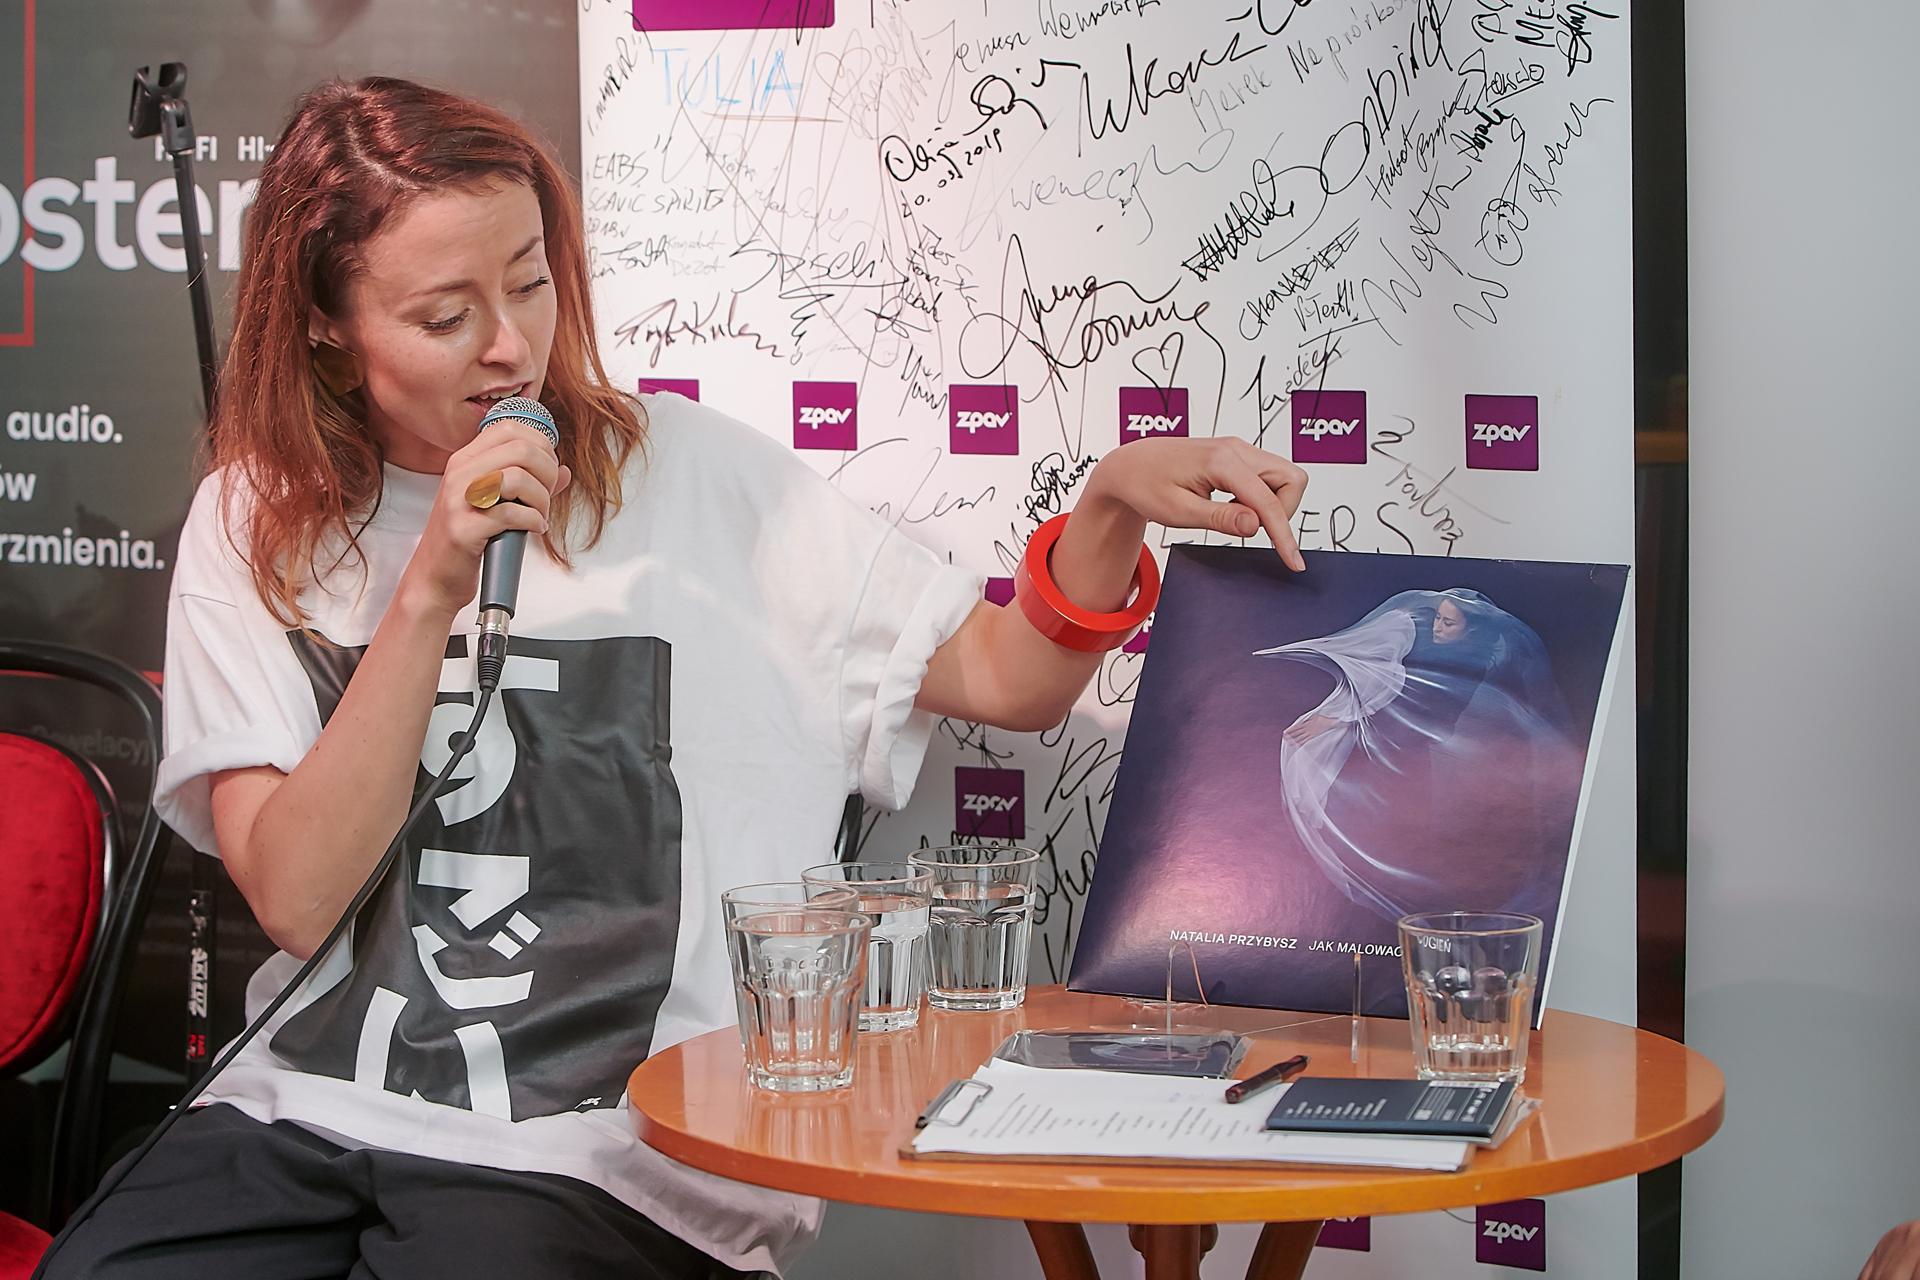 Przedpremierowy odsłuch albumu Natalii Przybysz na EKO winylu i CD